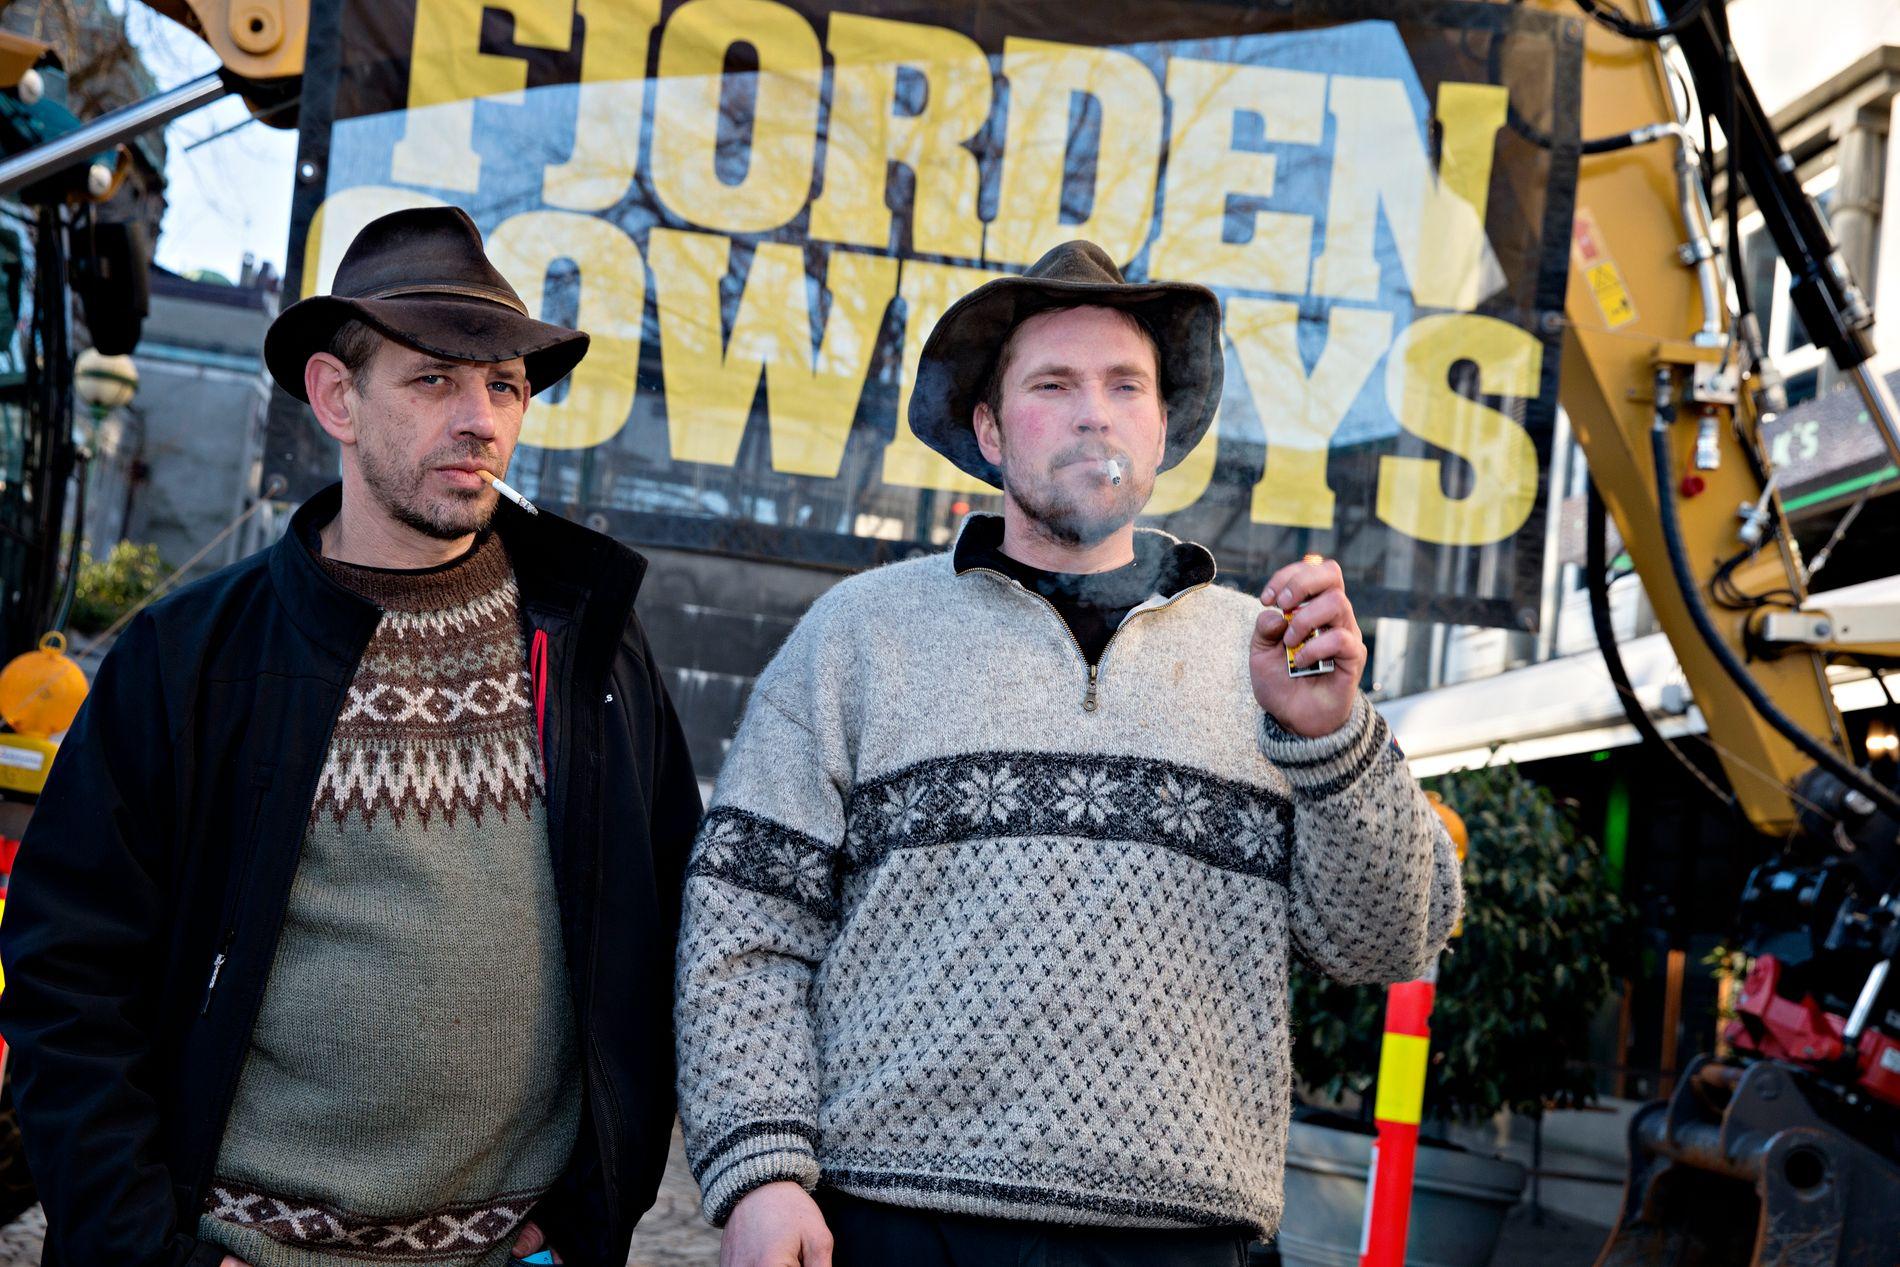 FJORDEN: Lothepus og Joar Førde setter seerrekorder på TV 2 Zebra med «Fjorden Cowboys».